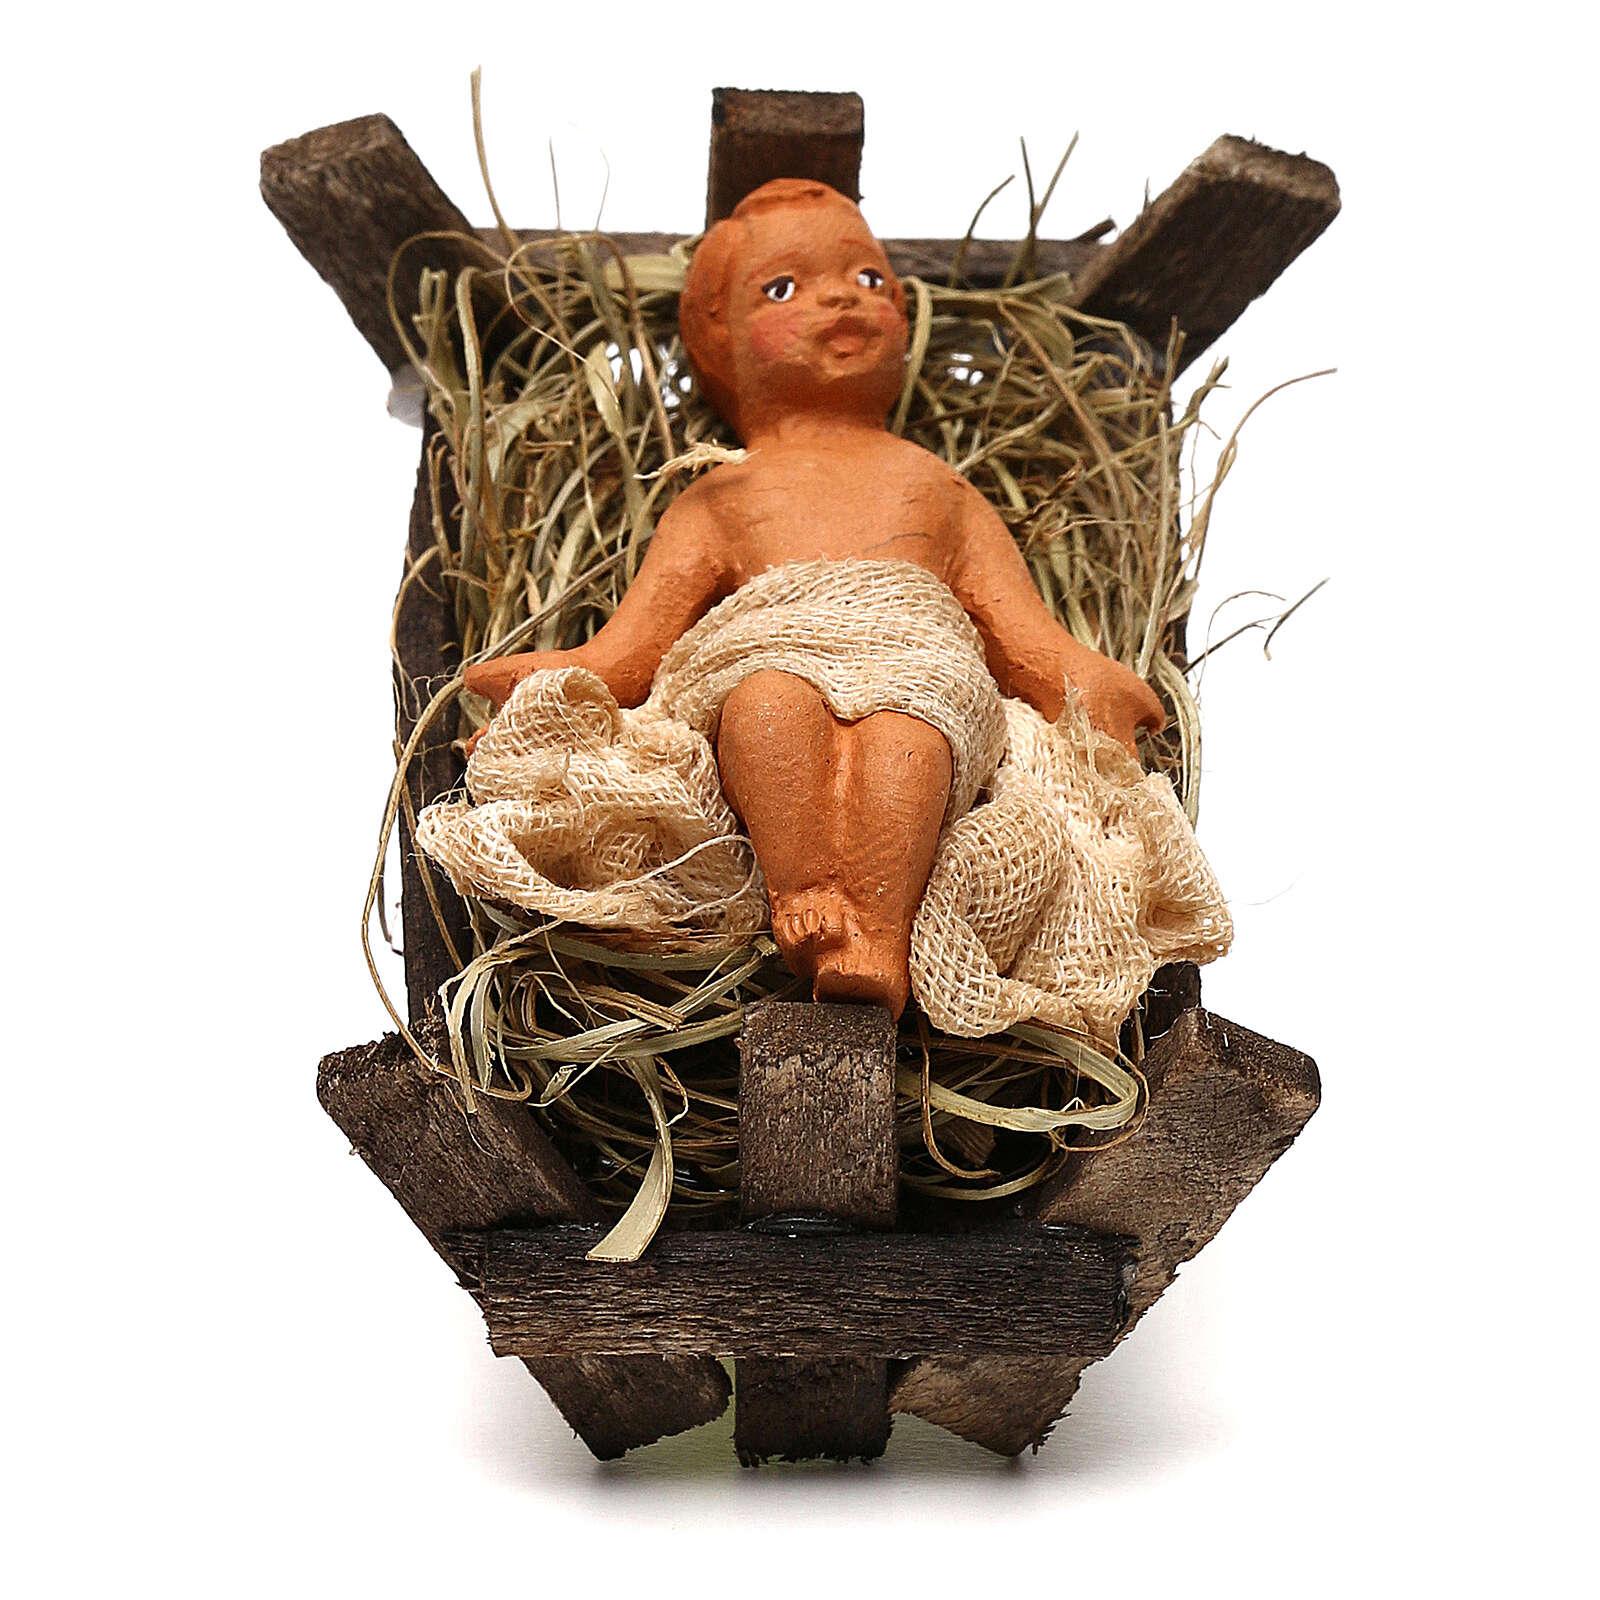 Baby Jesus in the manger, Neapolitan Nativity scene 10 cm 4